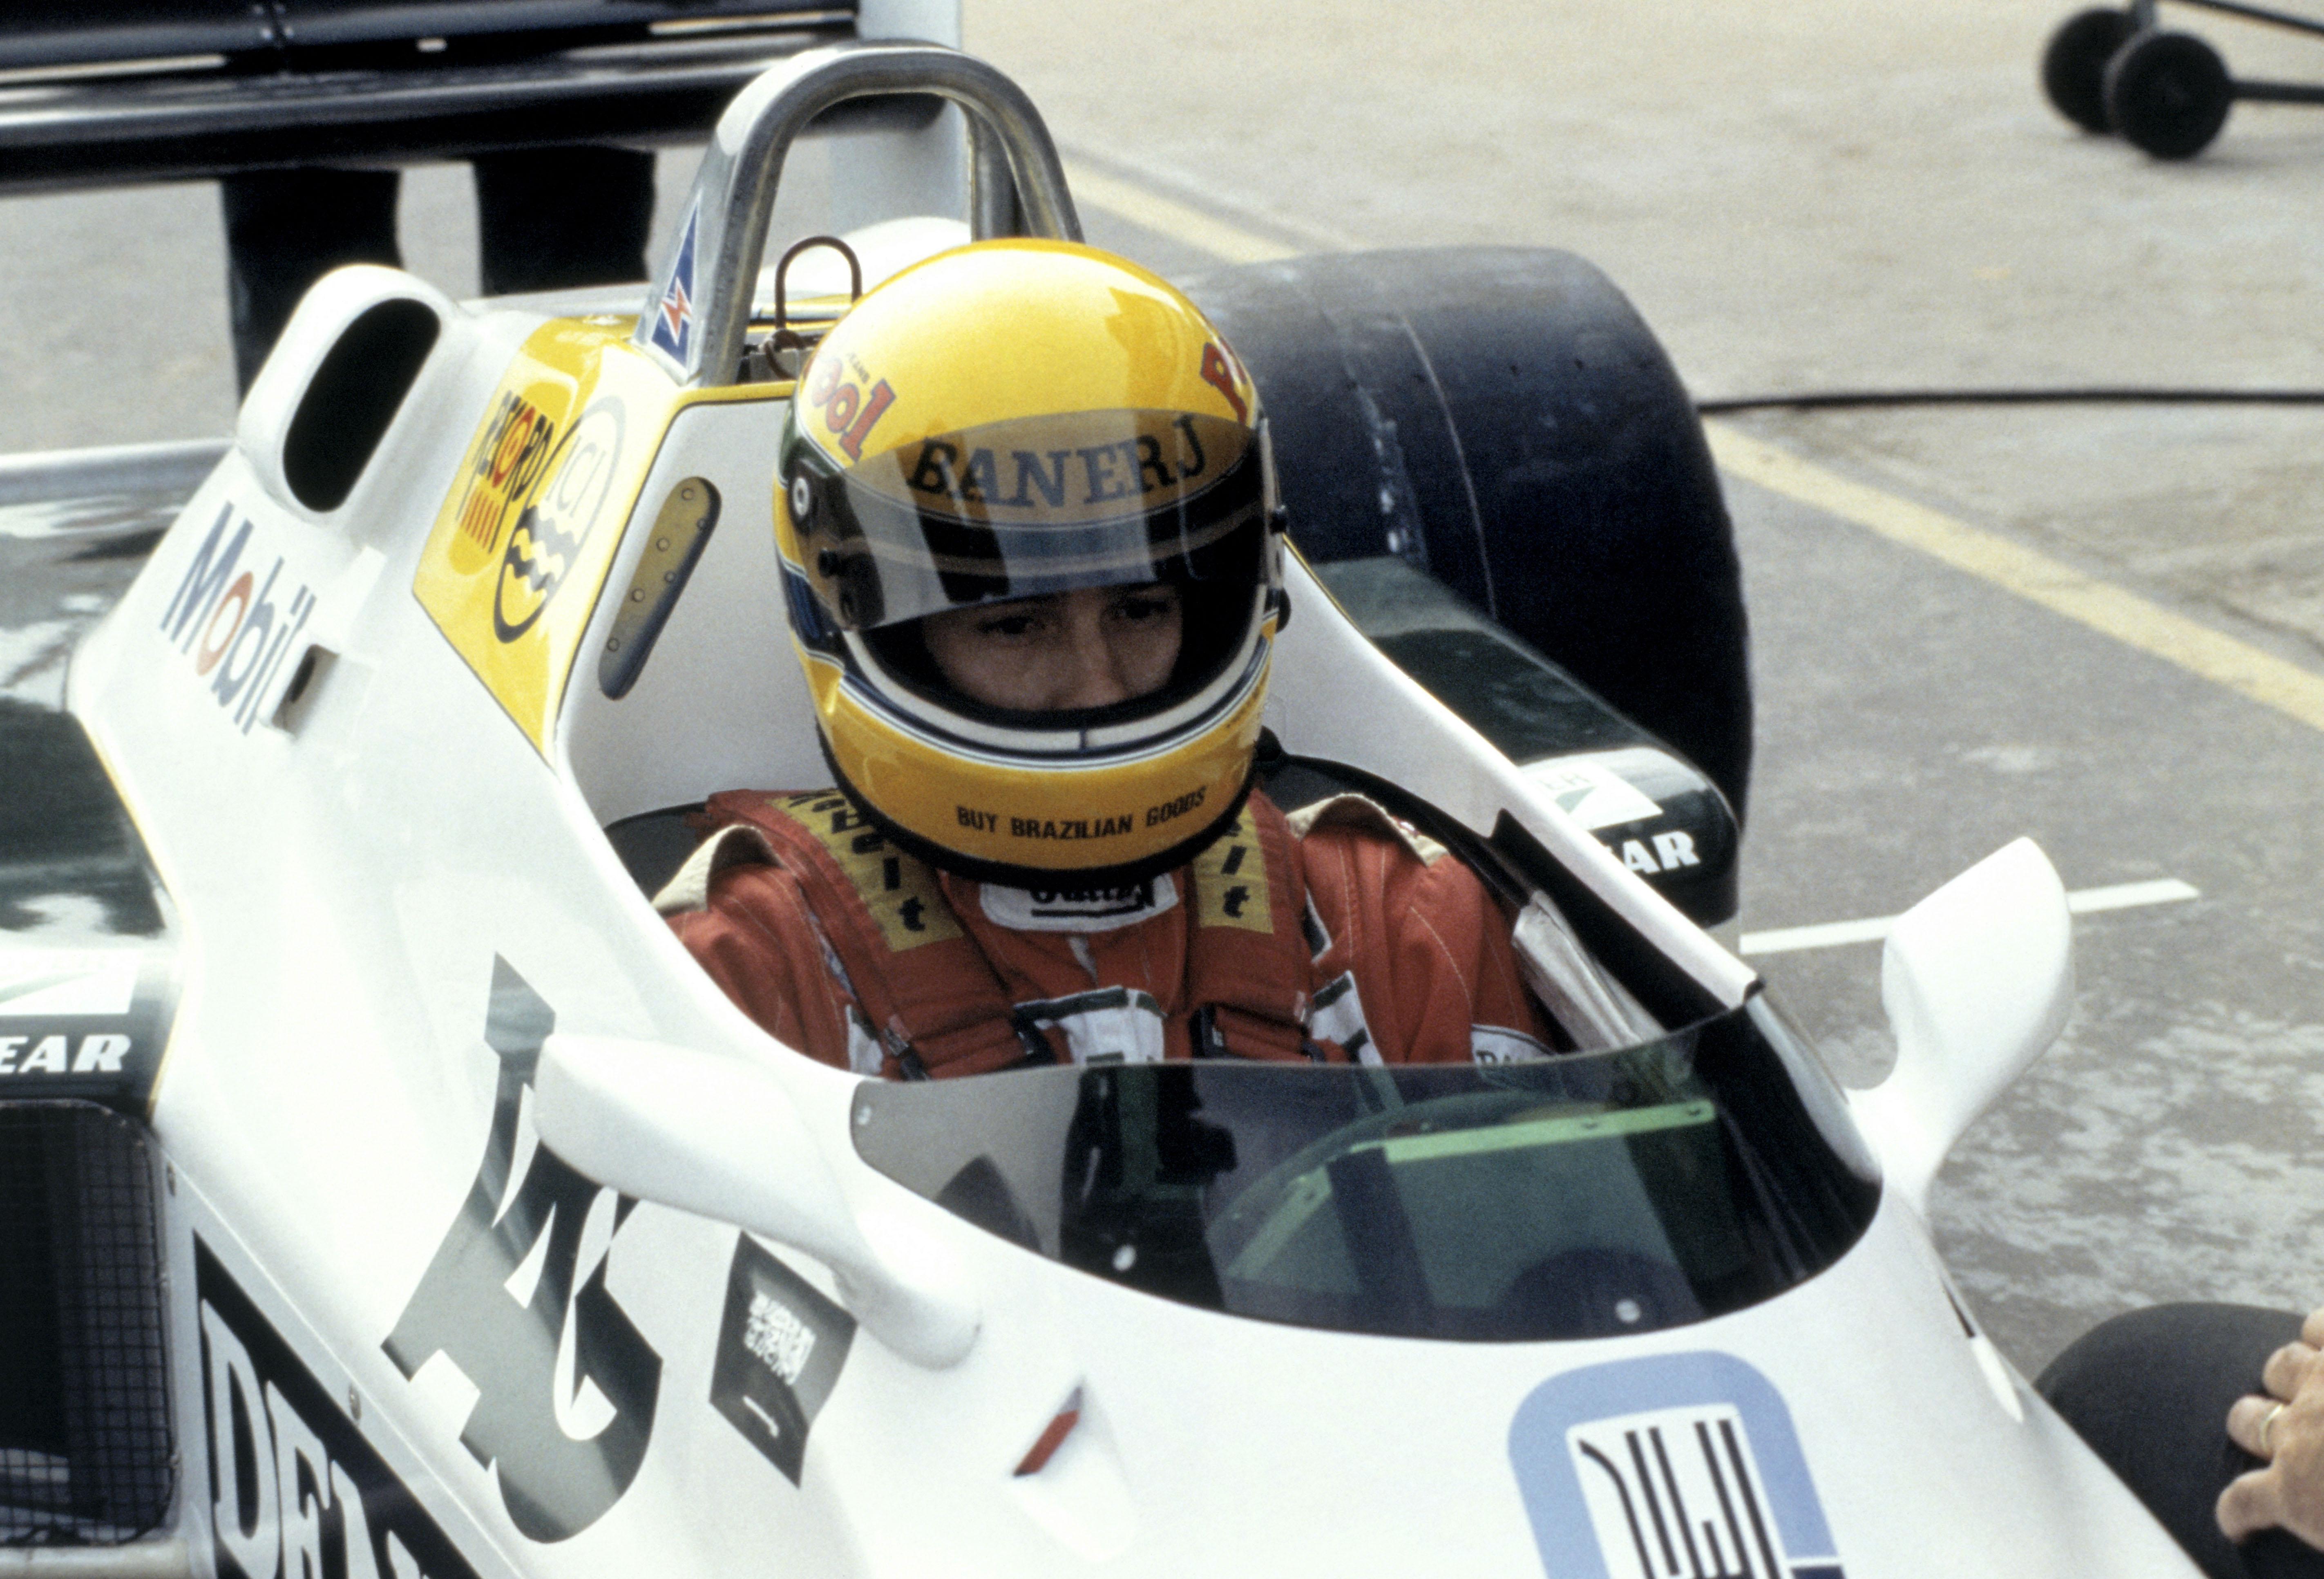 Senna fikk sin første Formel 1 test for Williams i 1983. Foto: Williams